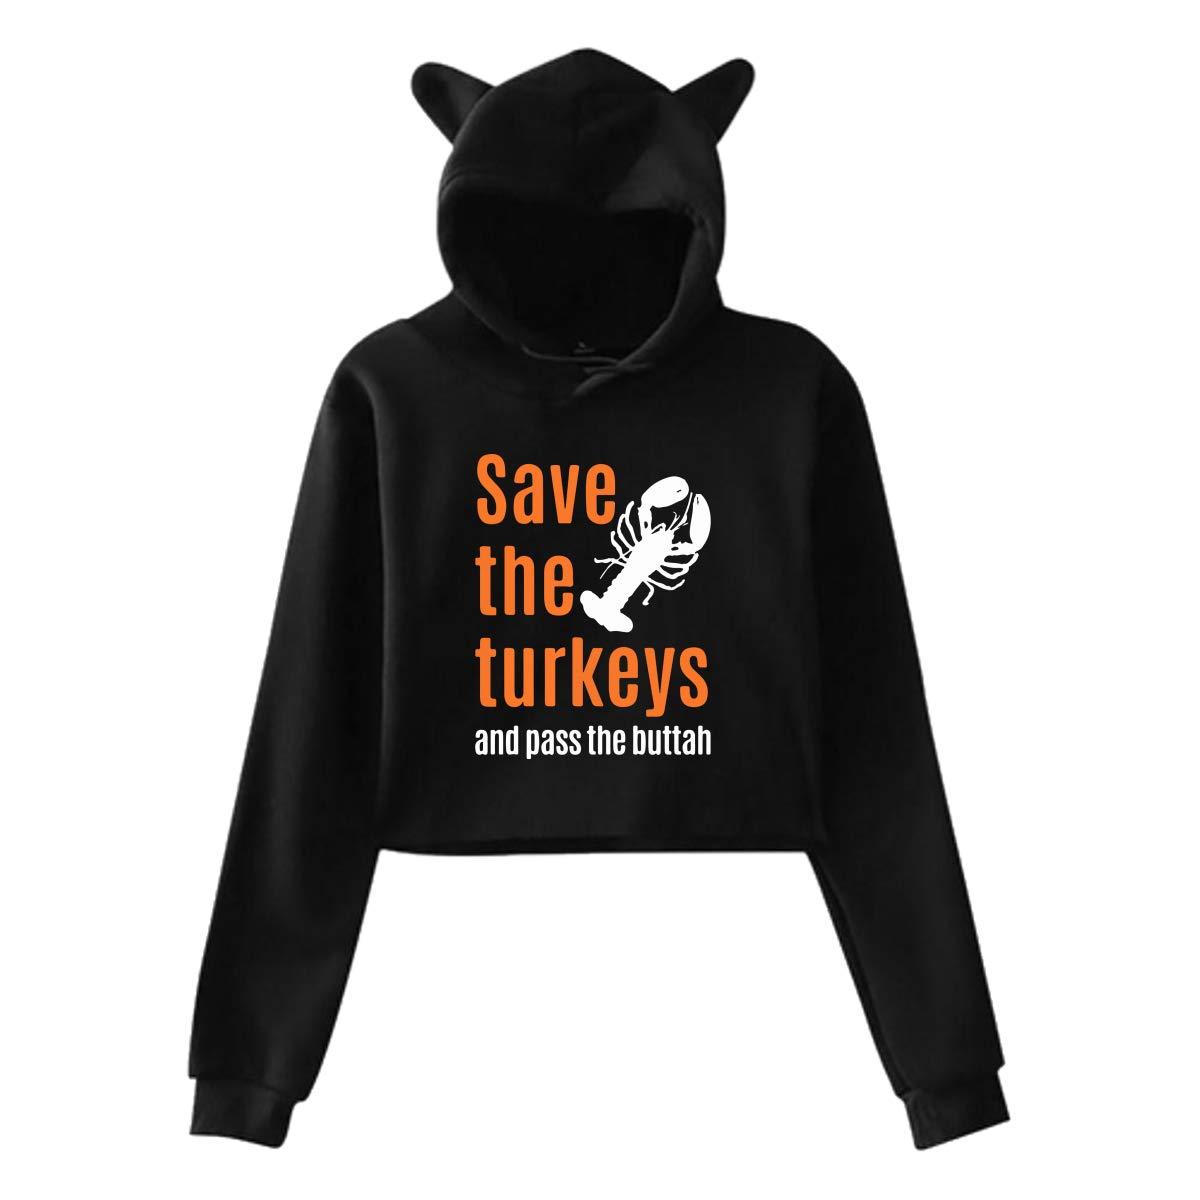 Girls Cute Cat Ear Hoodie Sweatshirts Save Turkeys at Thanksgiving Dew-Navel Hooded Crop Tops